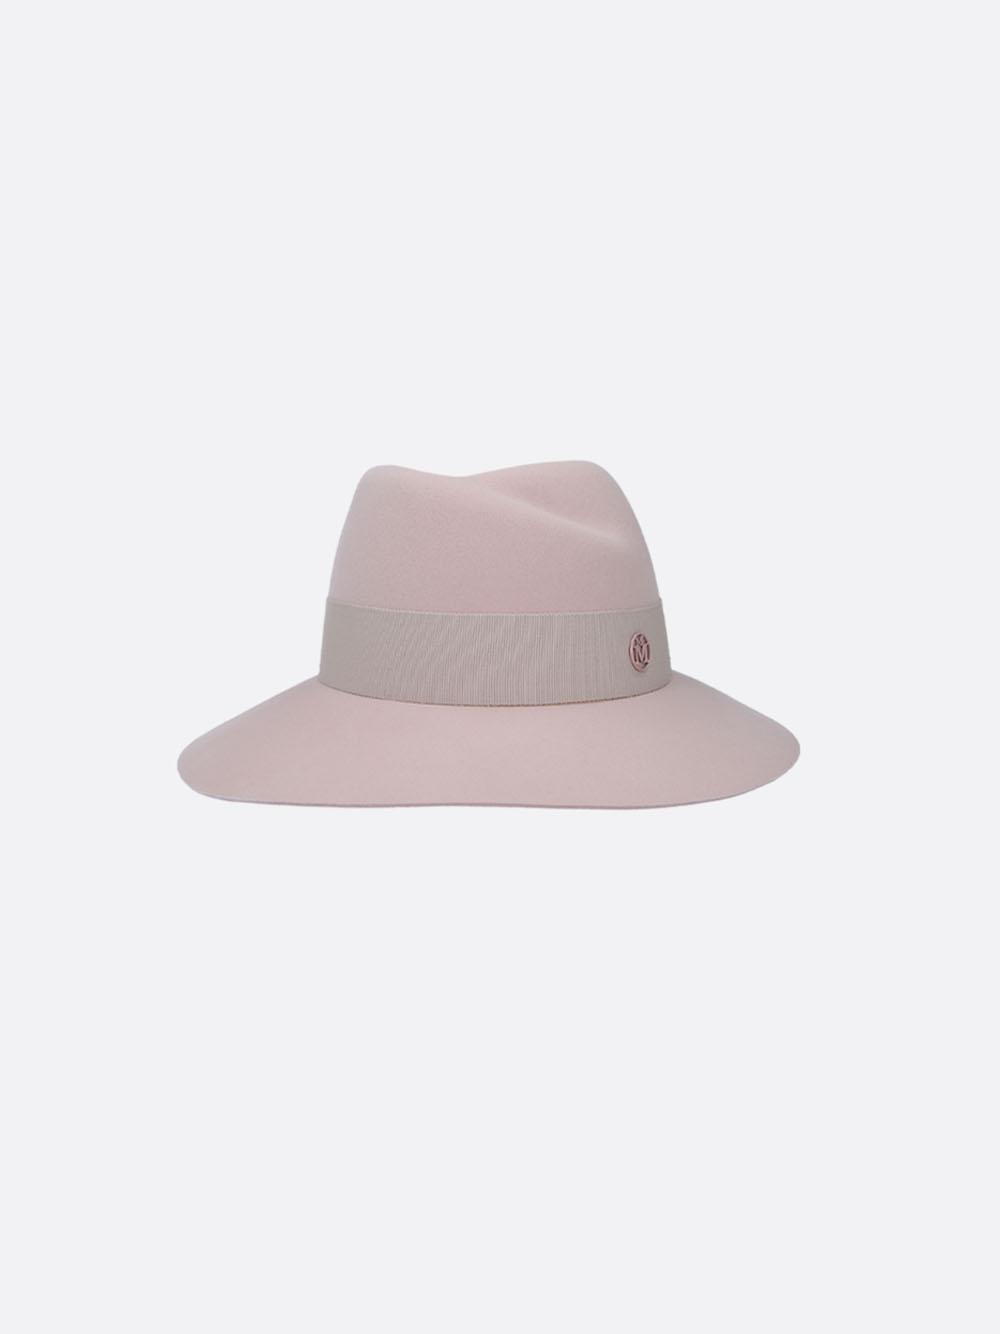 VIRGINIE HAT 19PF FELT BABY PINK